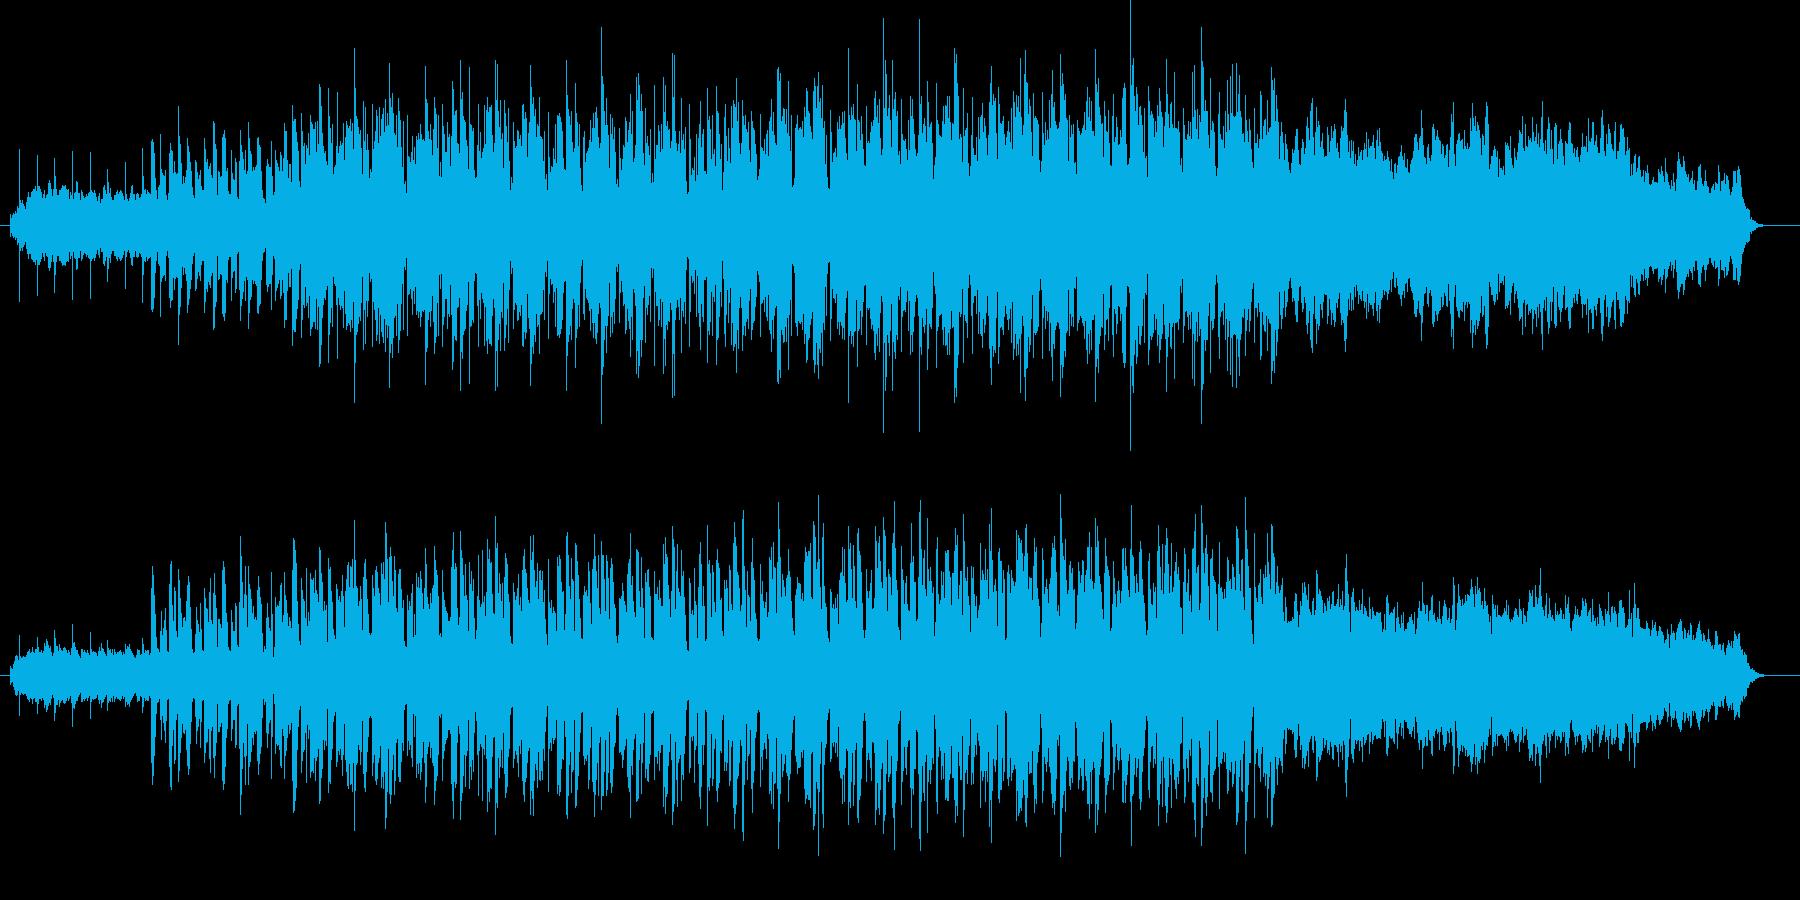 スリルと疾走感のあるリズム曲の再生済みの波形